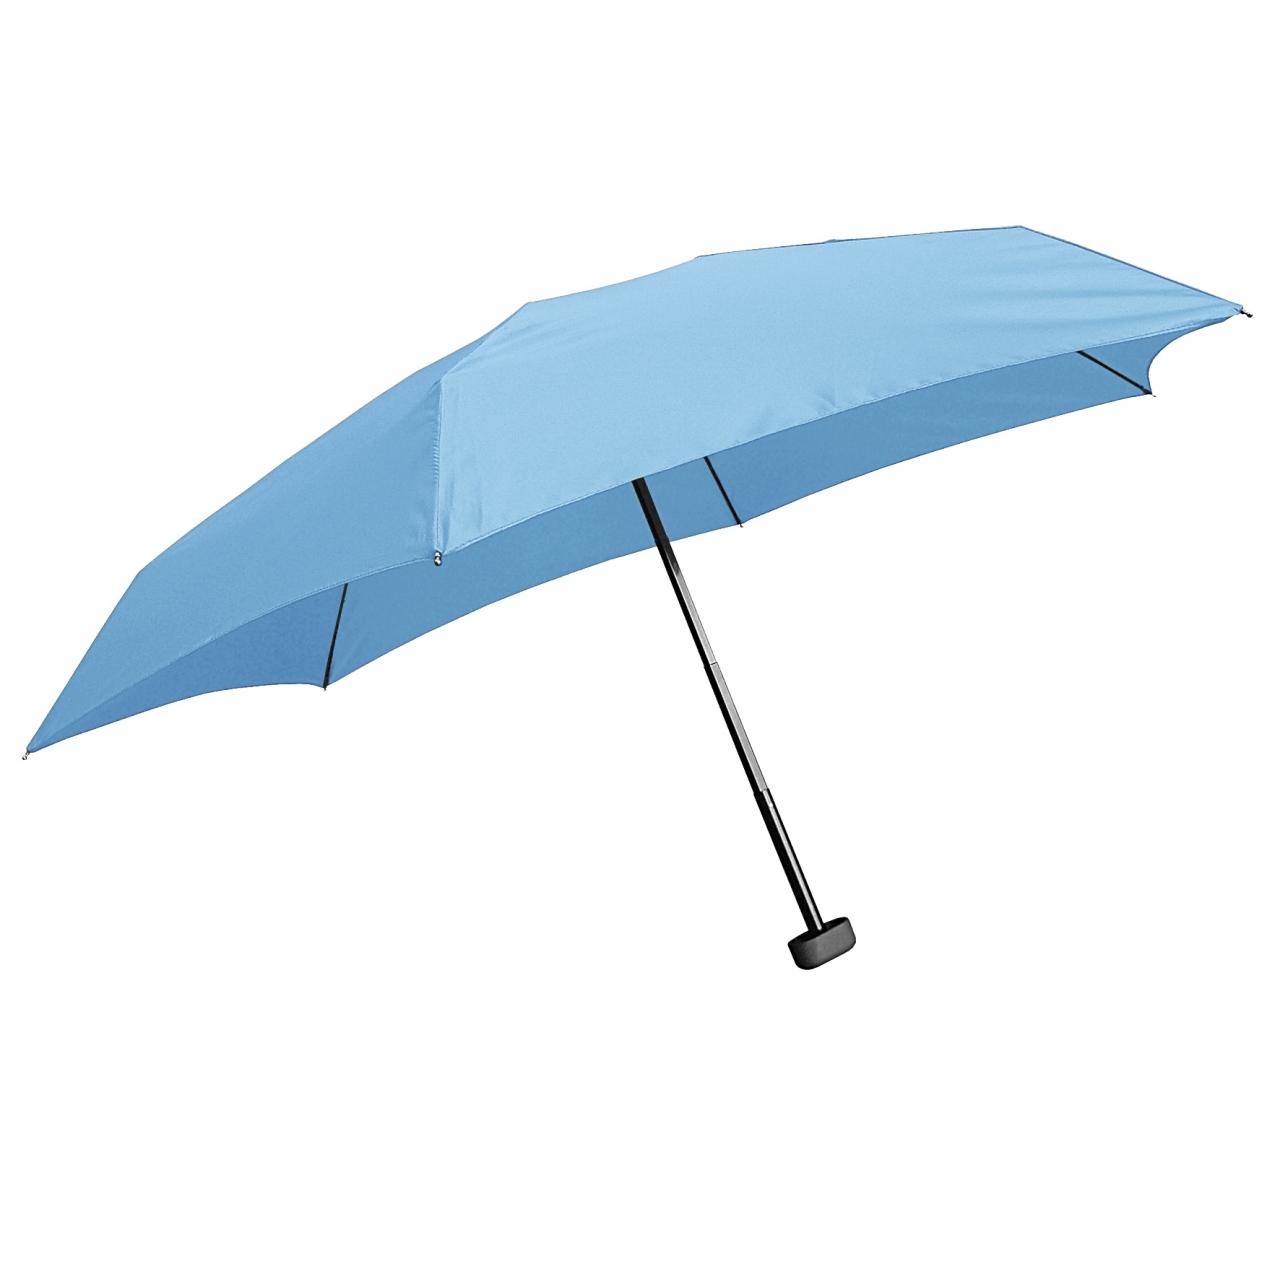 Deštník EuroSchirm Dainty - světle modrý